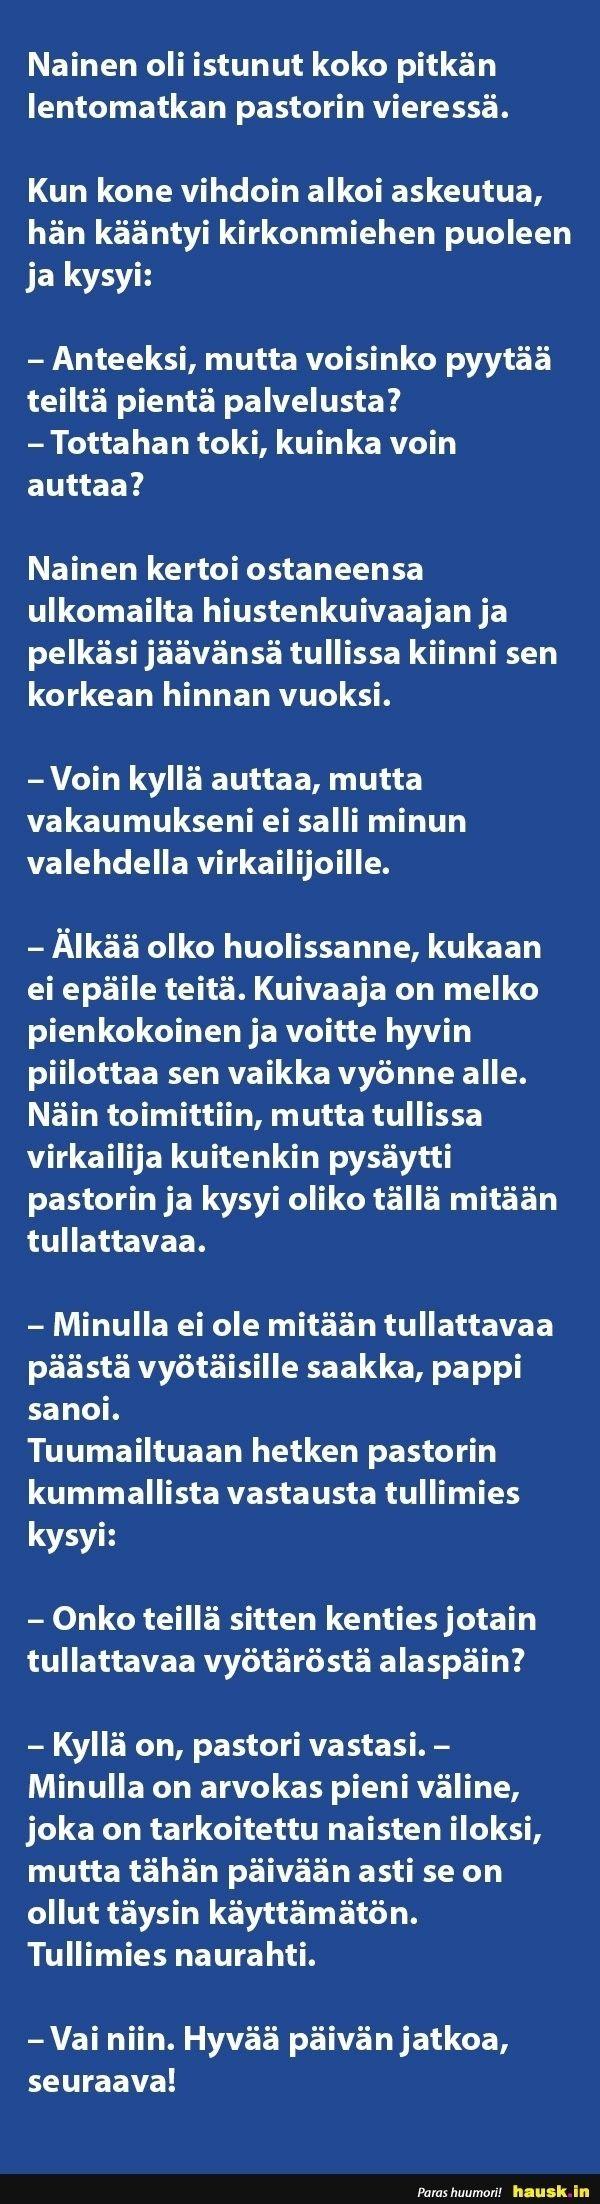 Mies Synnyttaa Seuraa Heikki Soinin Raskauden Etenemista Hetki